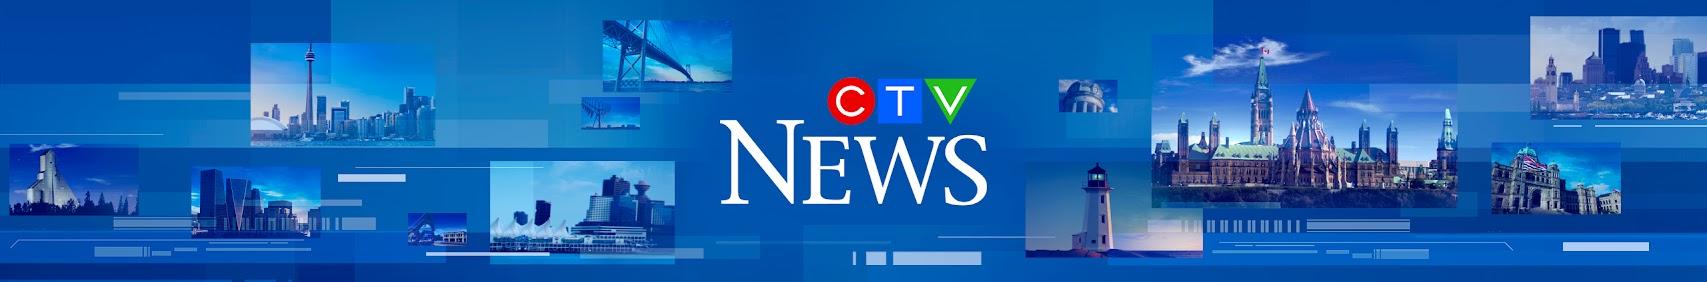 Новости CTV